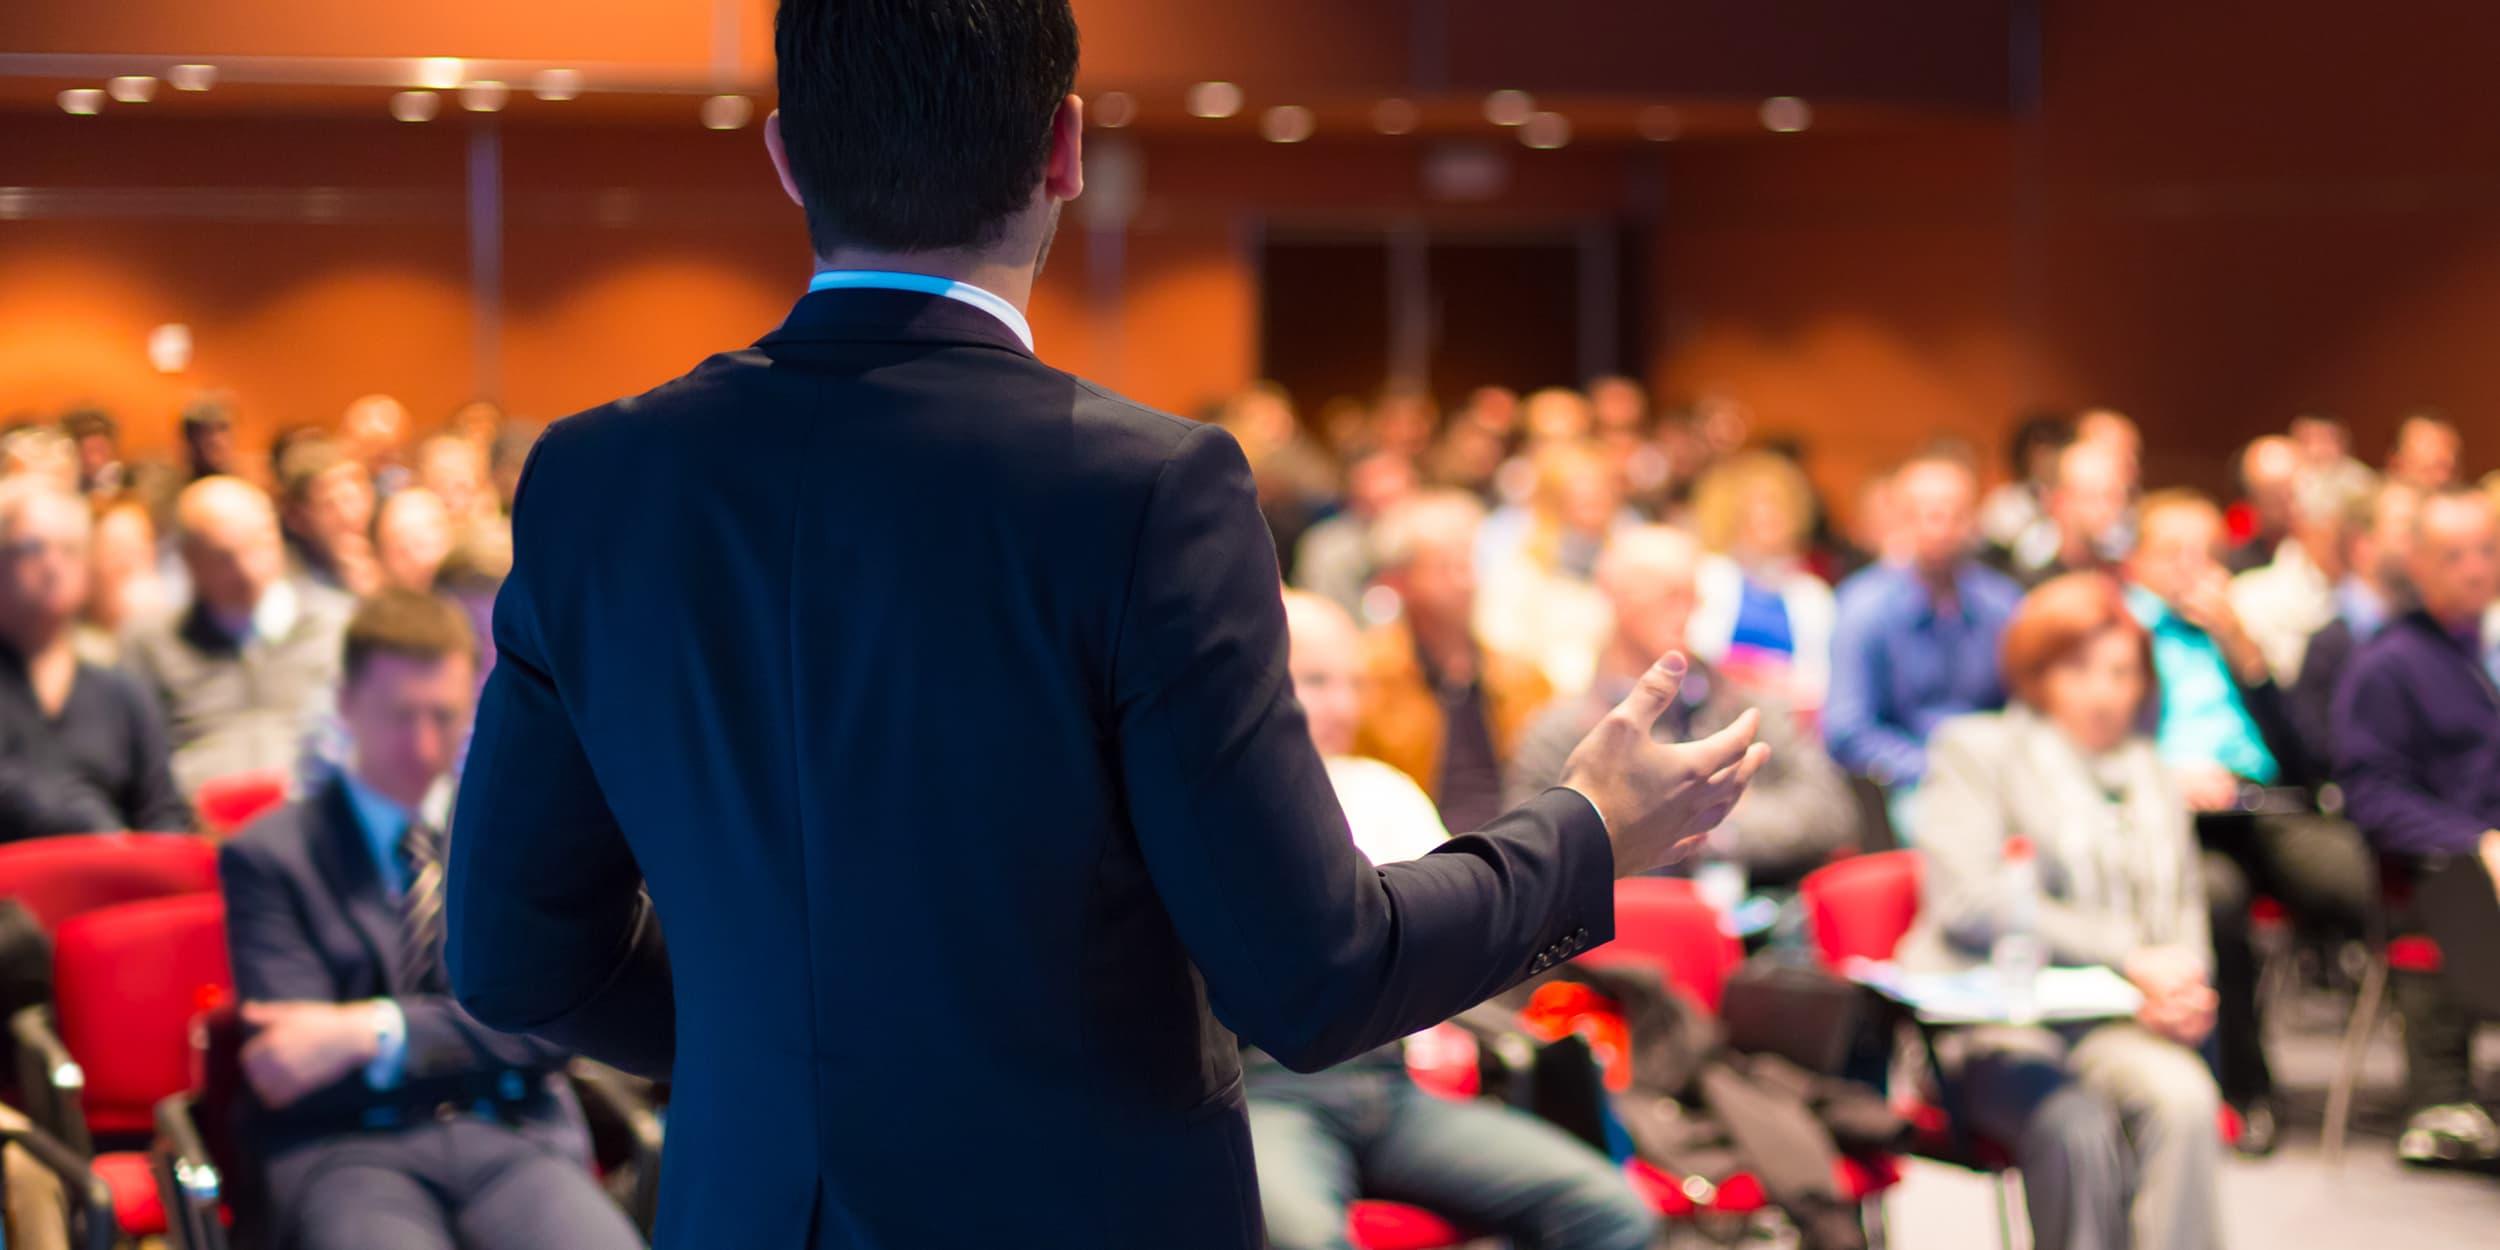 Конференция статус мероприятия